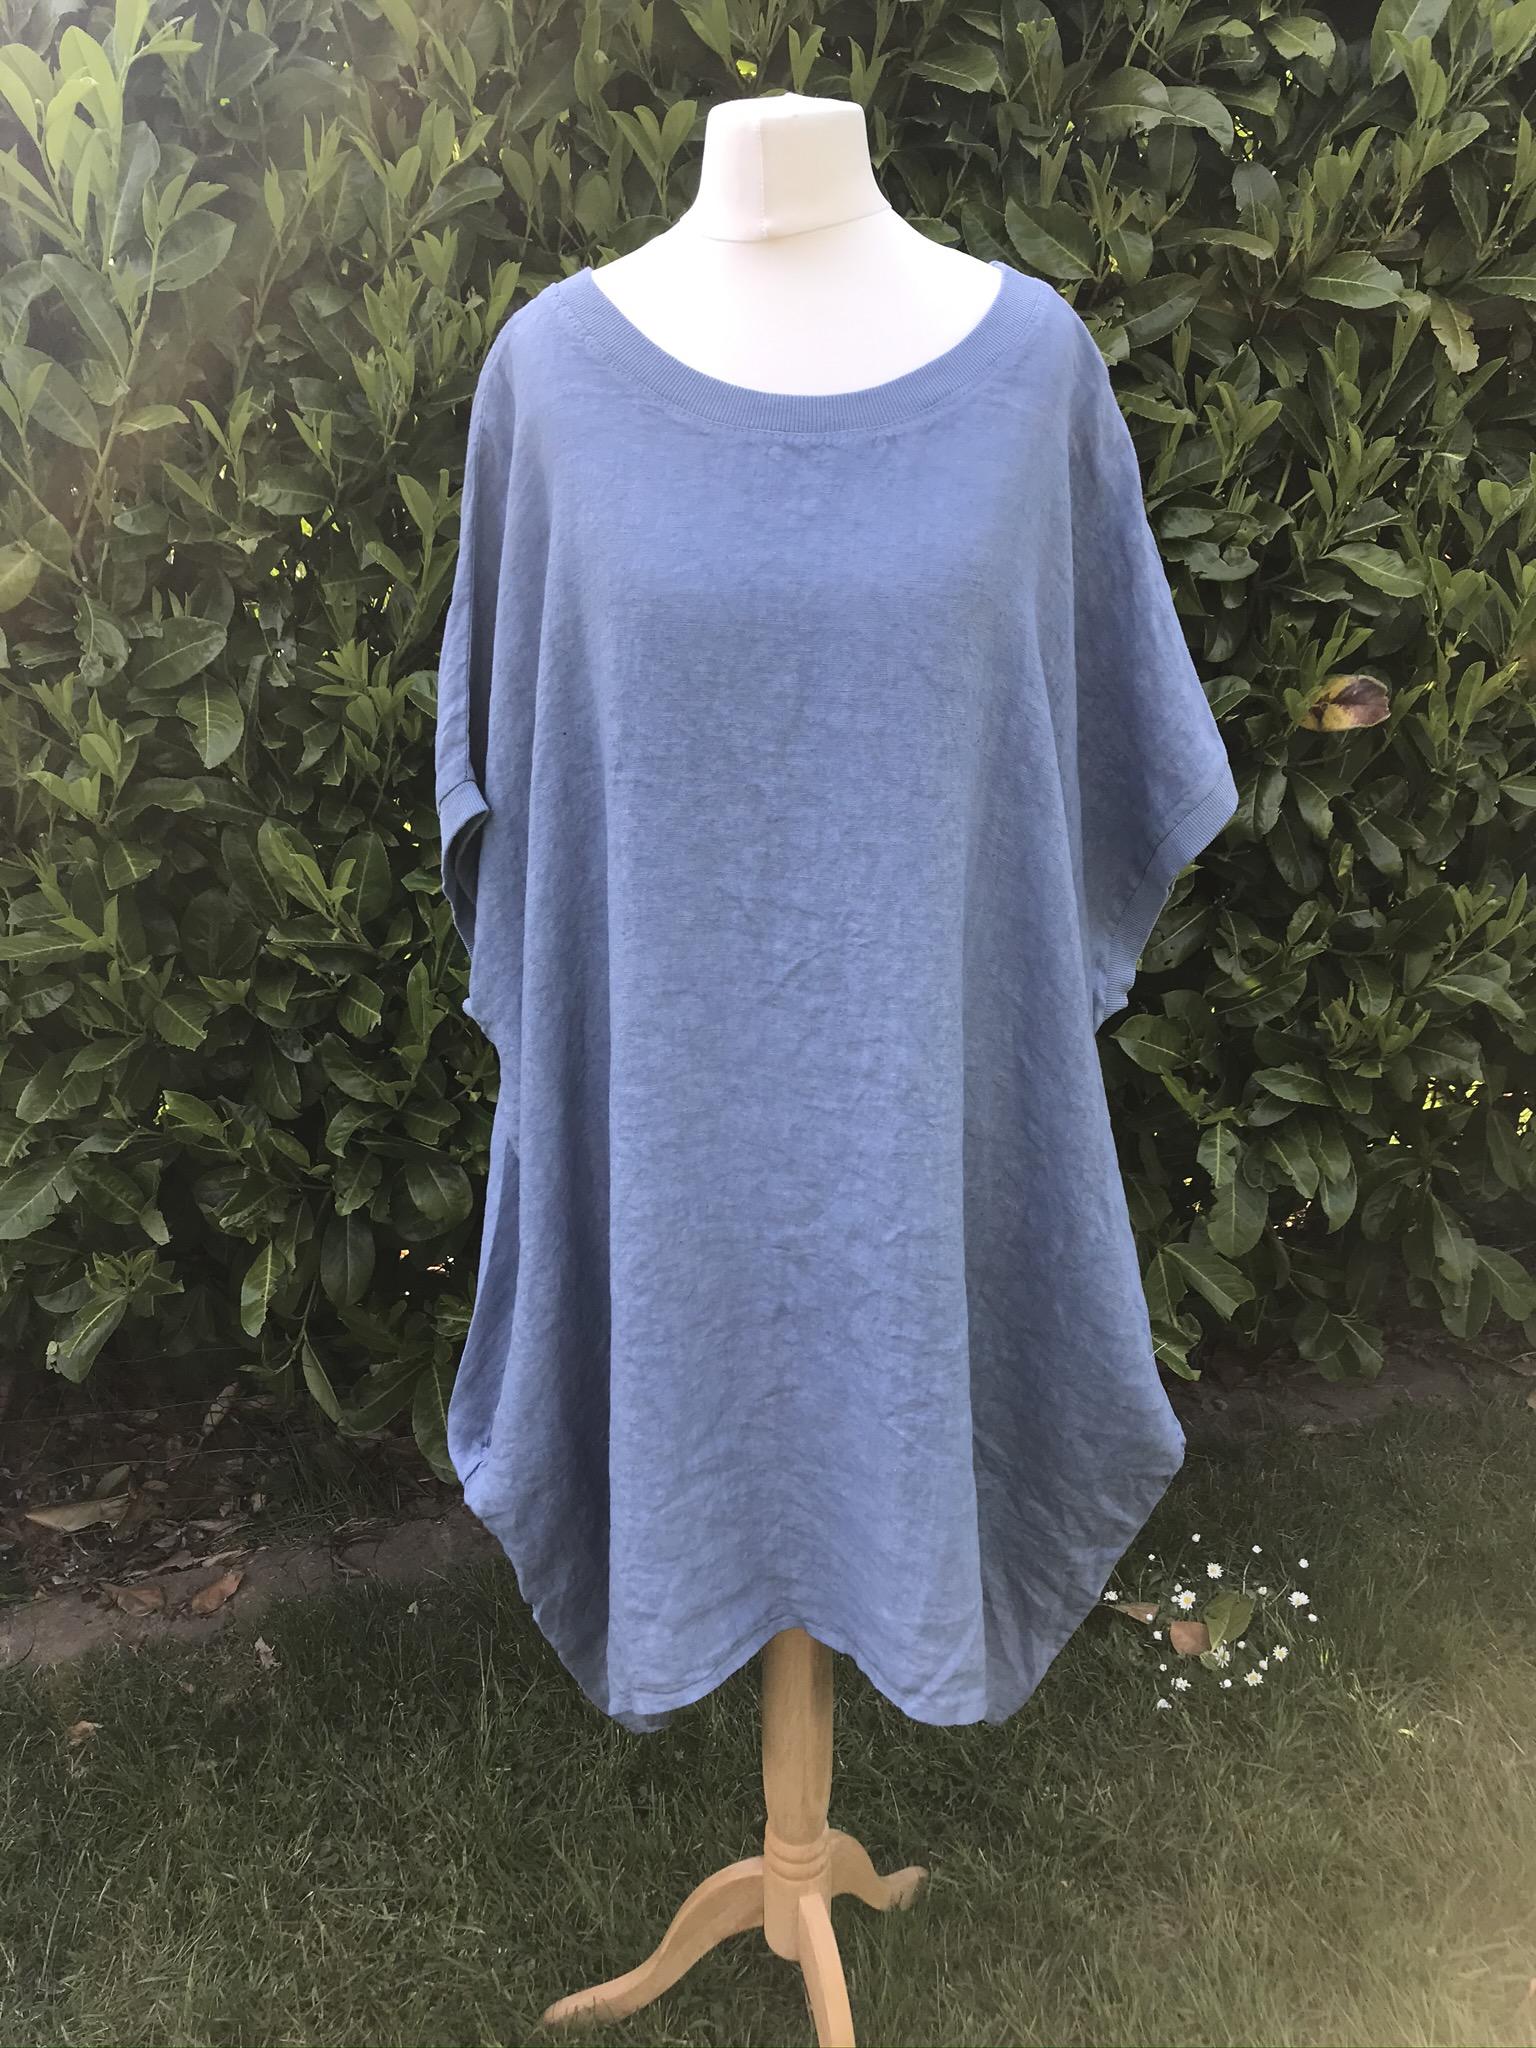 Joss big linen t -shirt dress